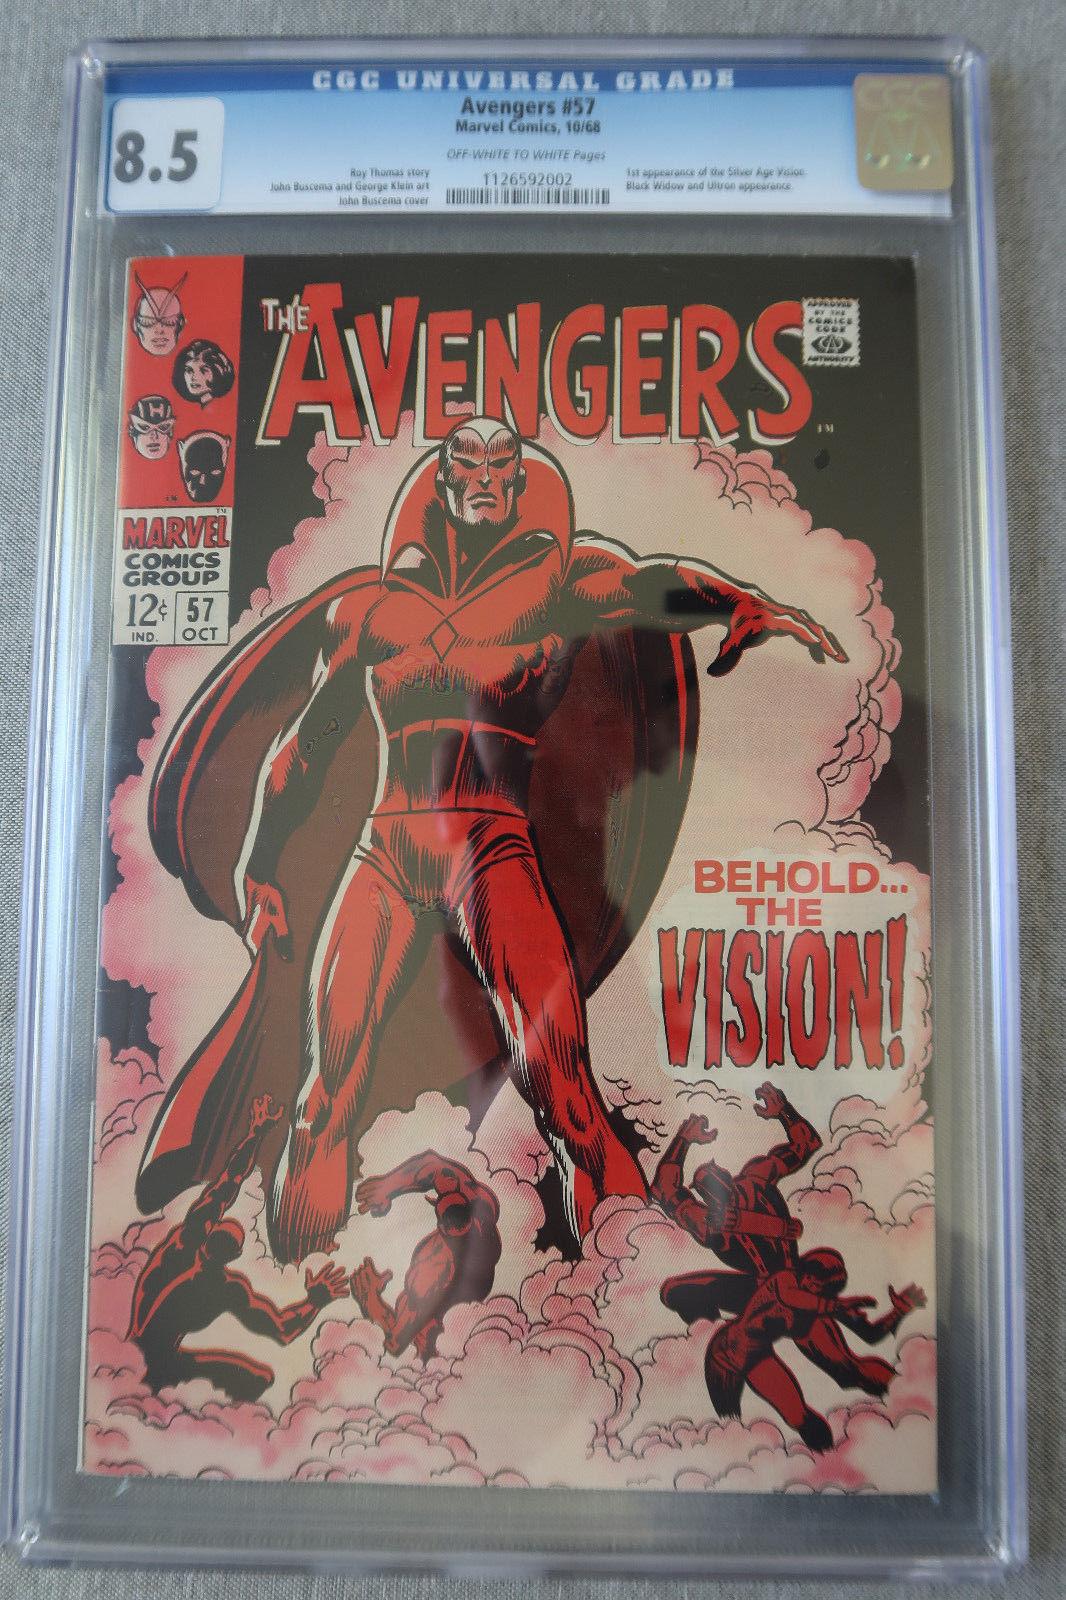 Avengers #57 CGC 8.5 1st Vision (Oct 1968, Marvel) Avengers Iron Captain Hulk